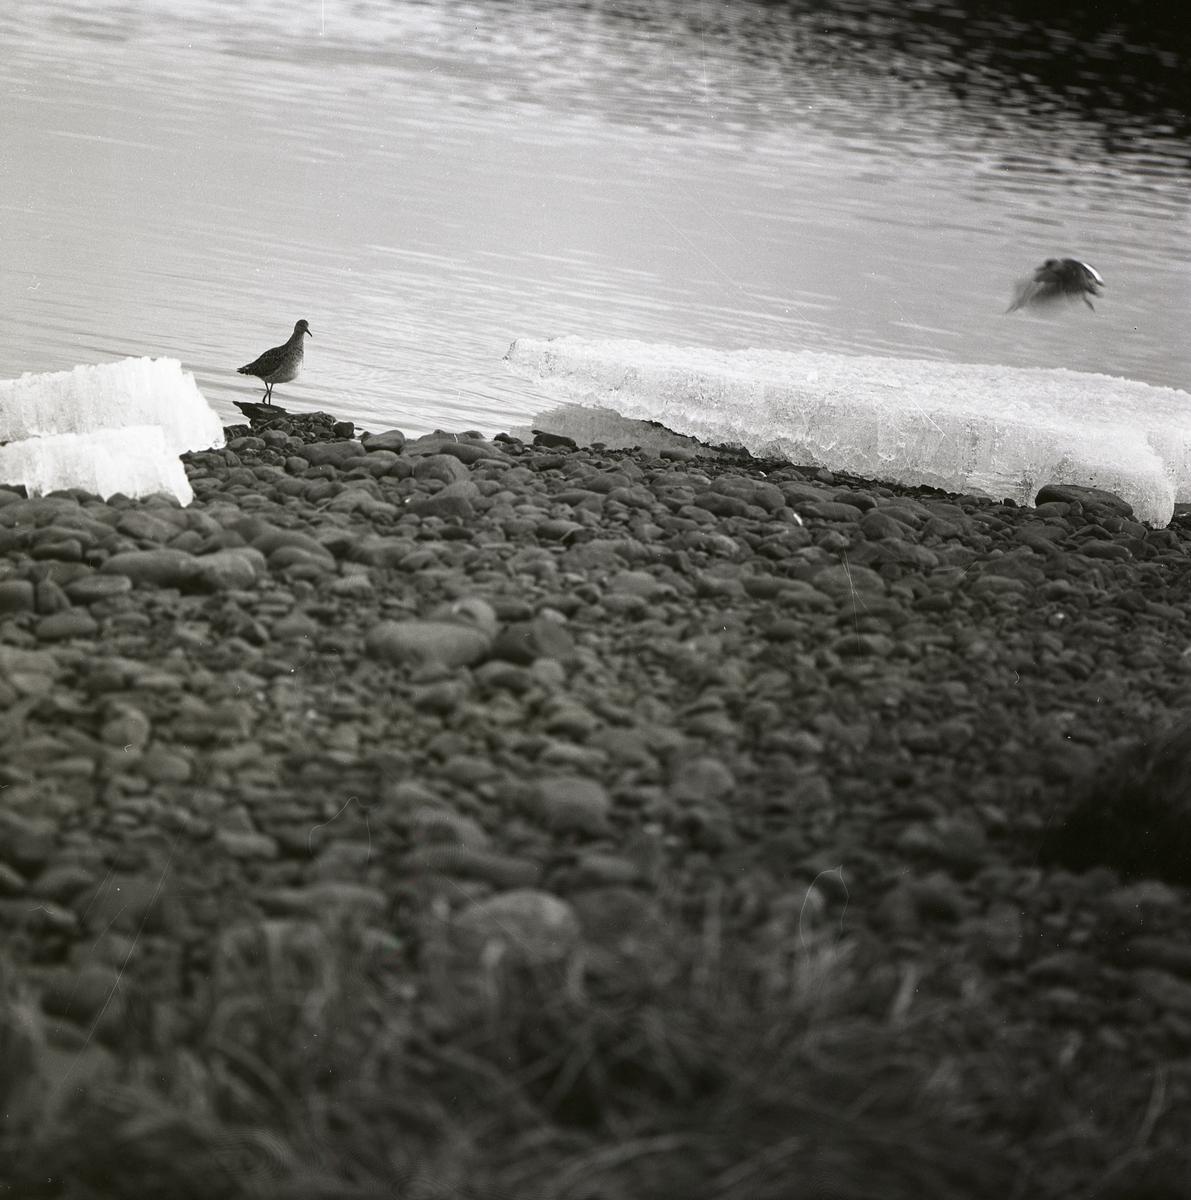 En stående och en flygande brushane intill ett vattendrag, 21 maj 1969.